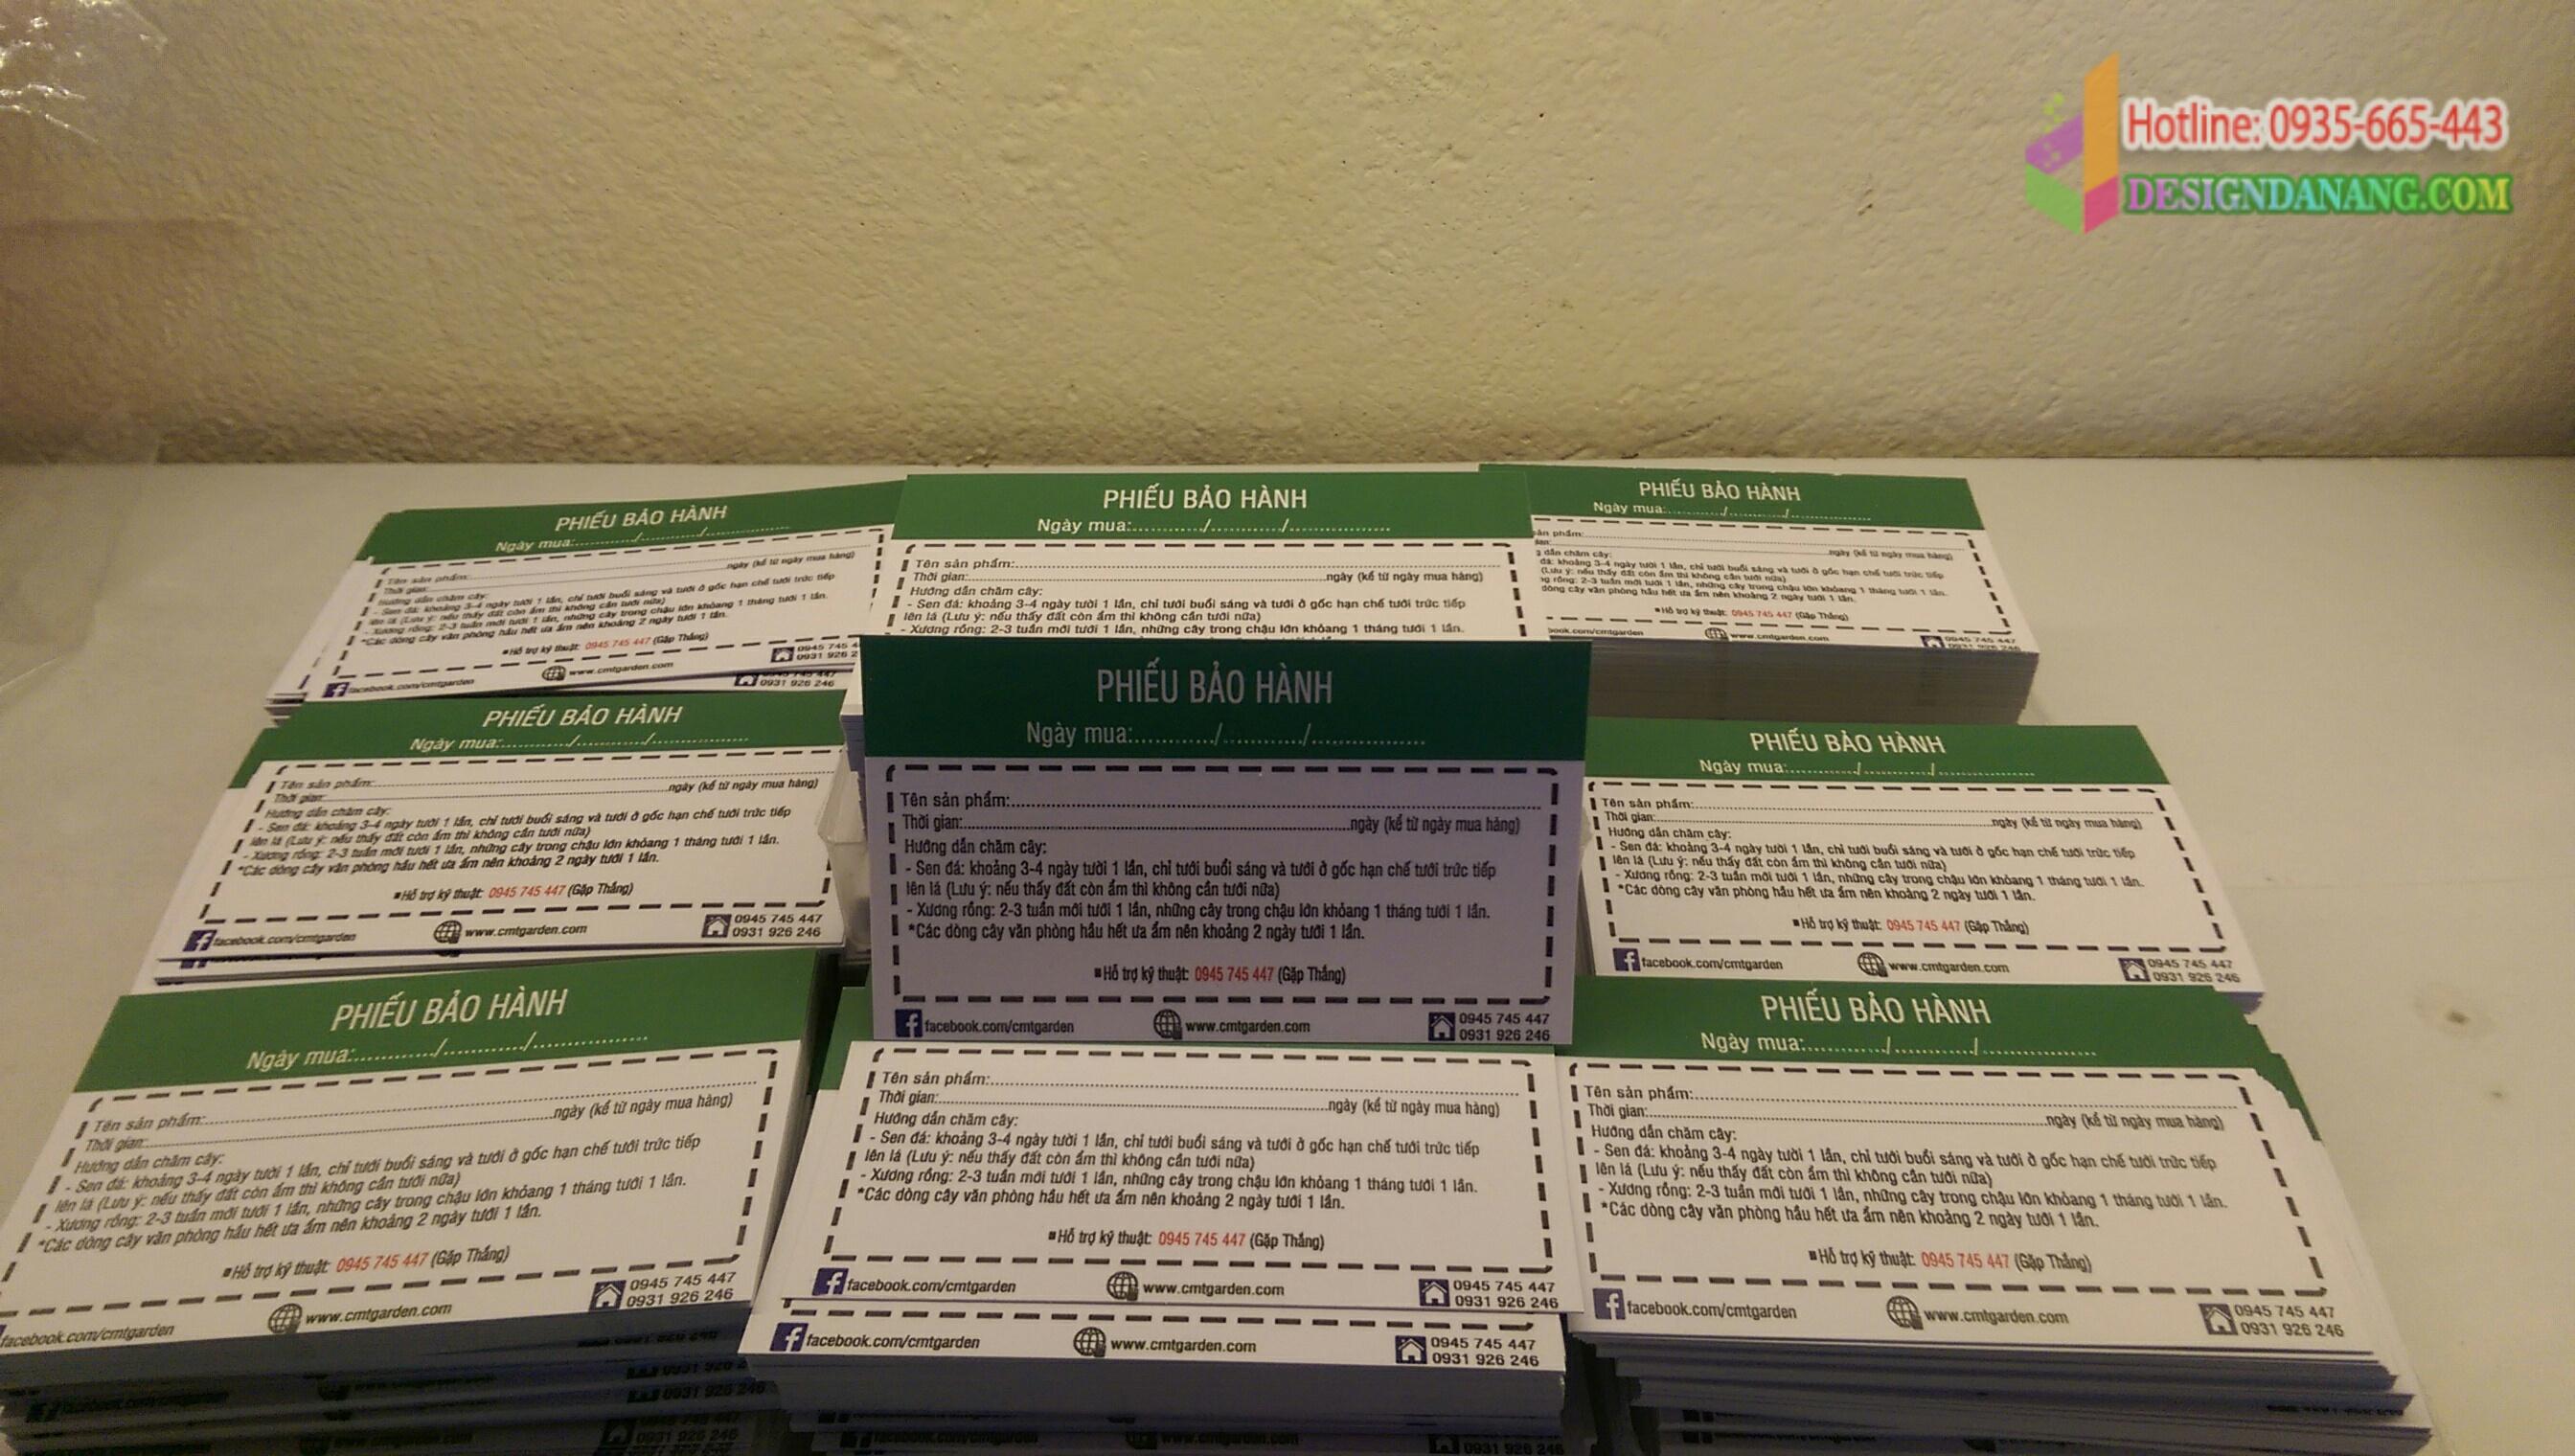 Danh thiếp card giá rẻ Vườn cây Đà Nẵng